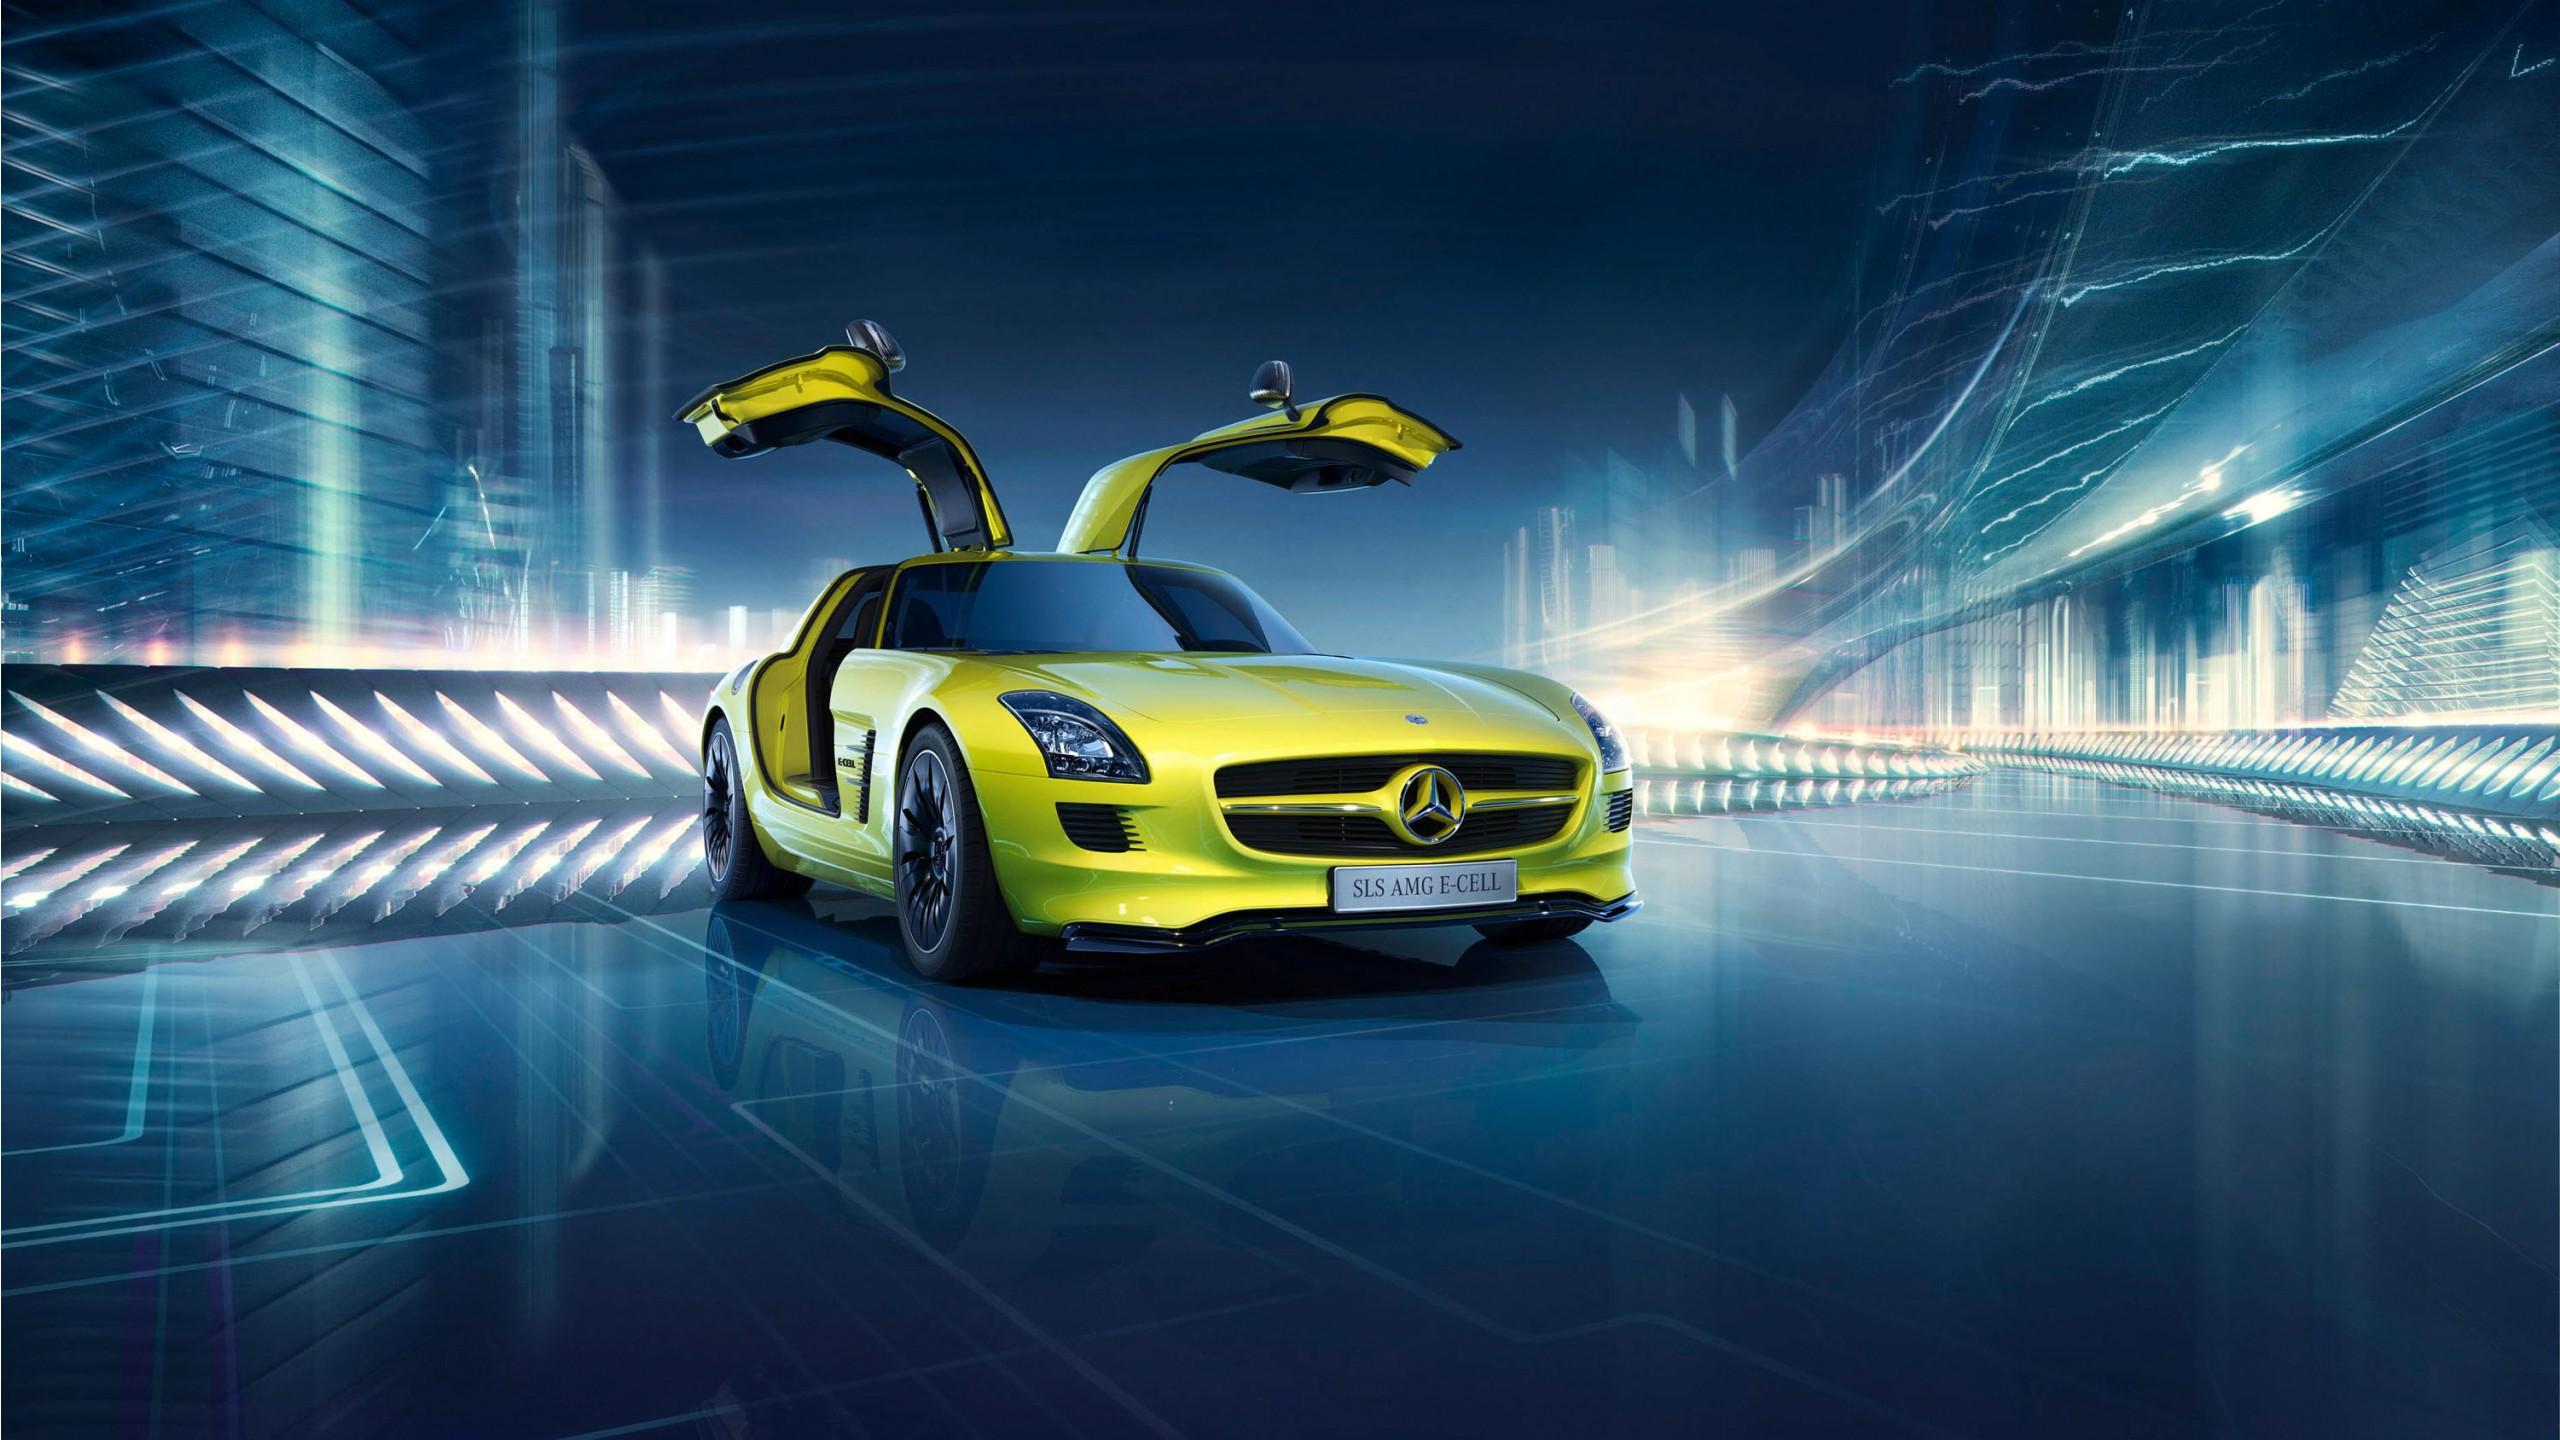 Mercedes Benz SLS AMG E Cell Wallpaper | HD Car Wallpapers ...